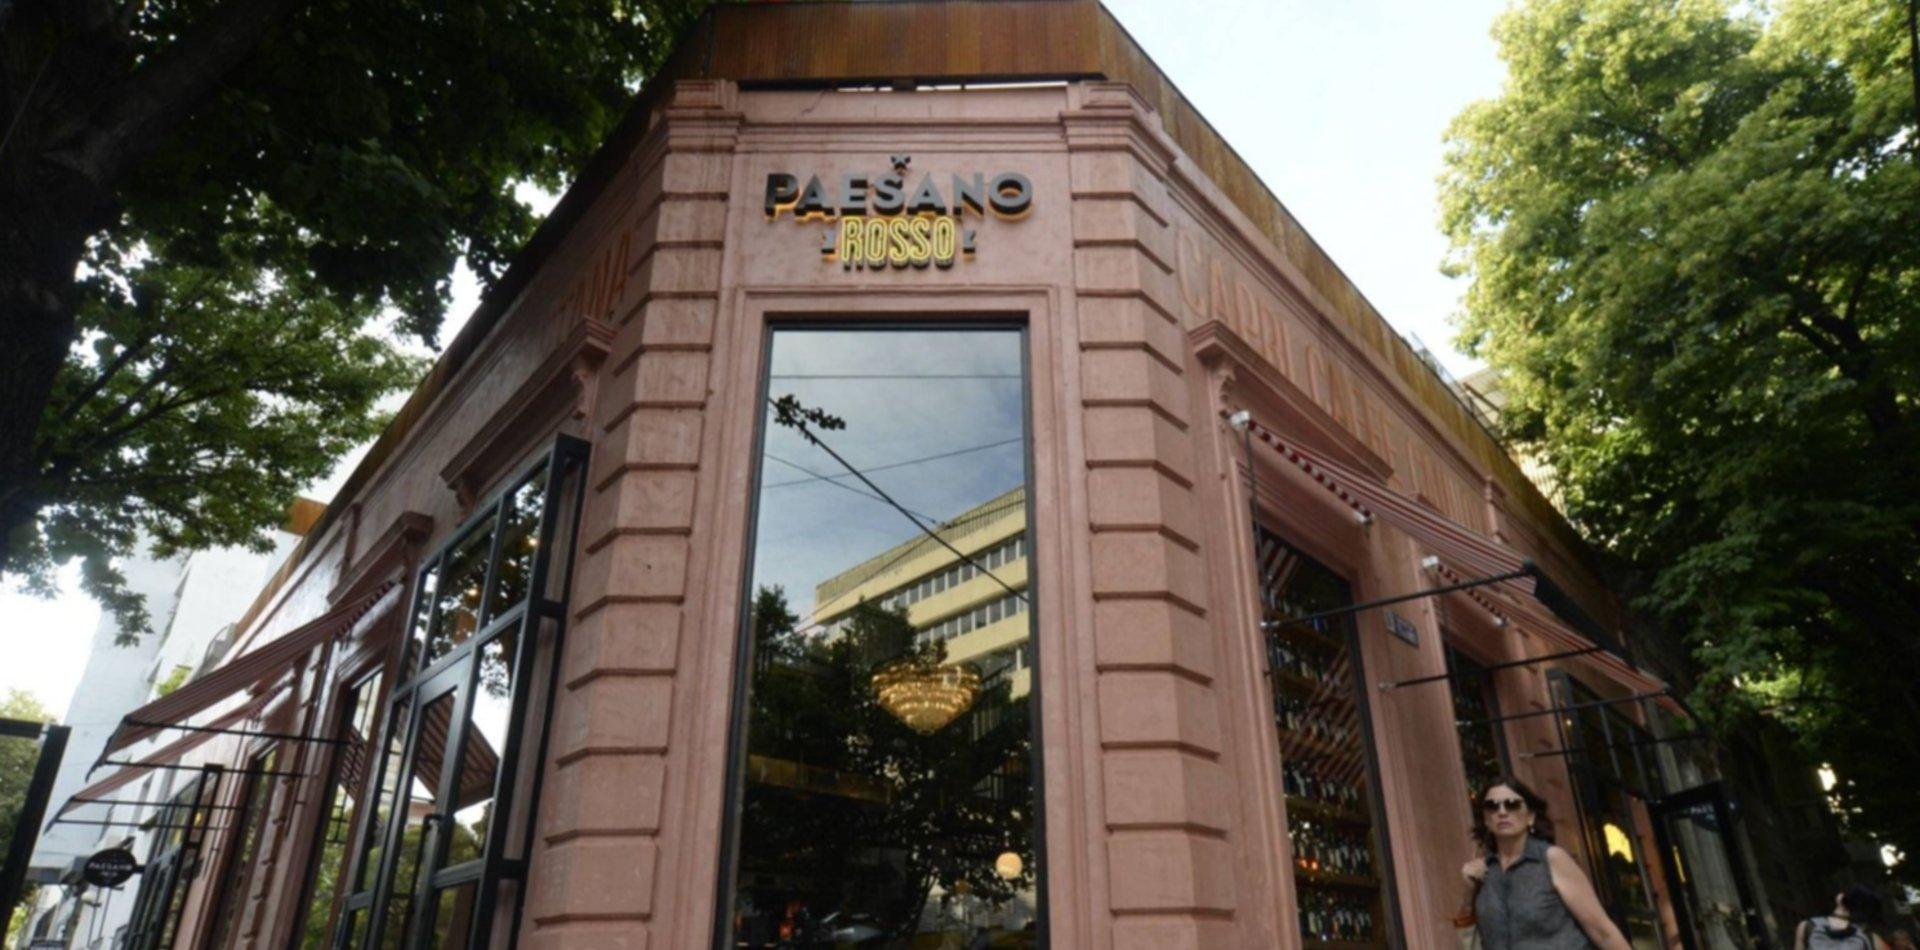 Pizza, pasta y coctelería, así fue la apertura de Paessano Rosso en La Plata